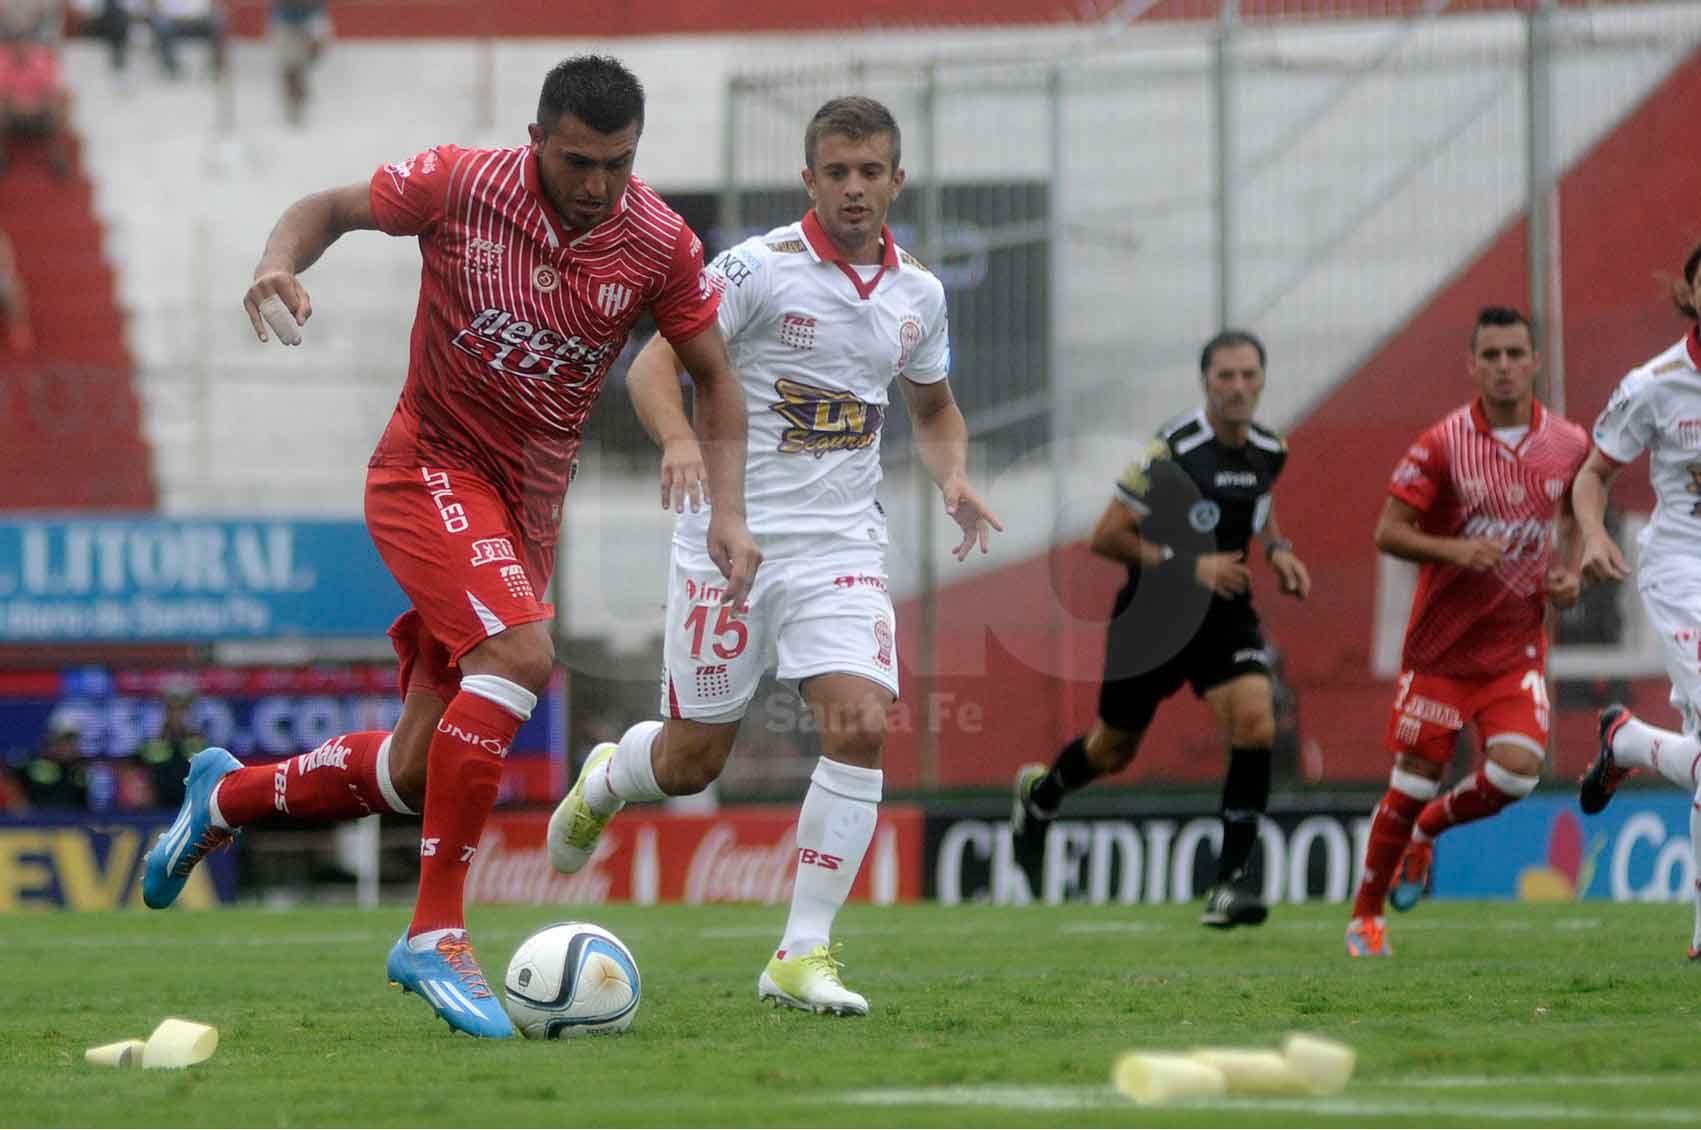 Enrique Luis Triverio llegó a Unión en el segundo semestre de 2014 y anotó 15 goles en 28 partidos que lleva disputados / Foto: Juan Manuel Baialardo - Uno Santa Fe